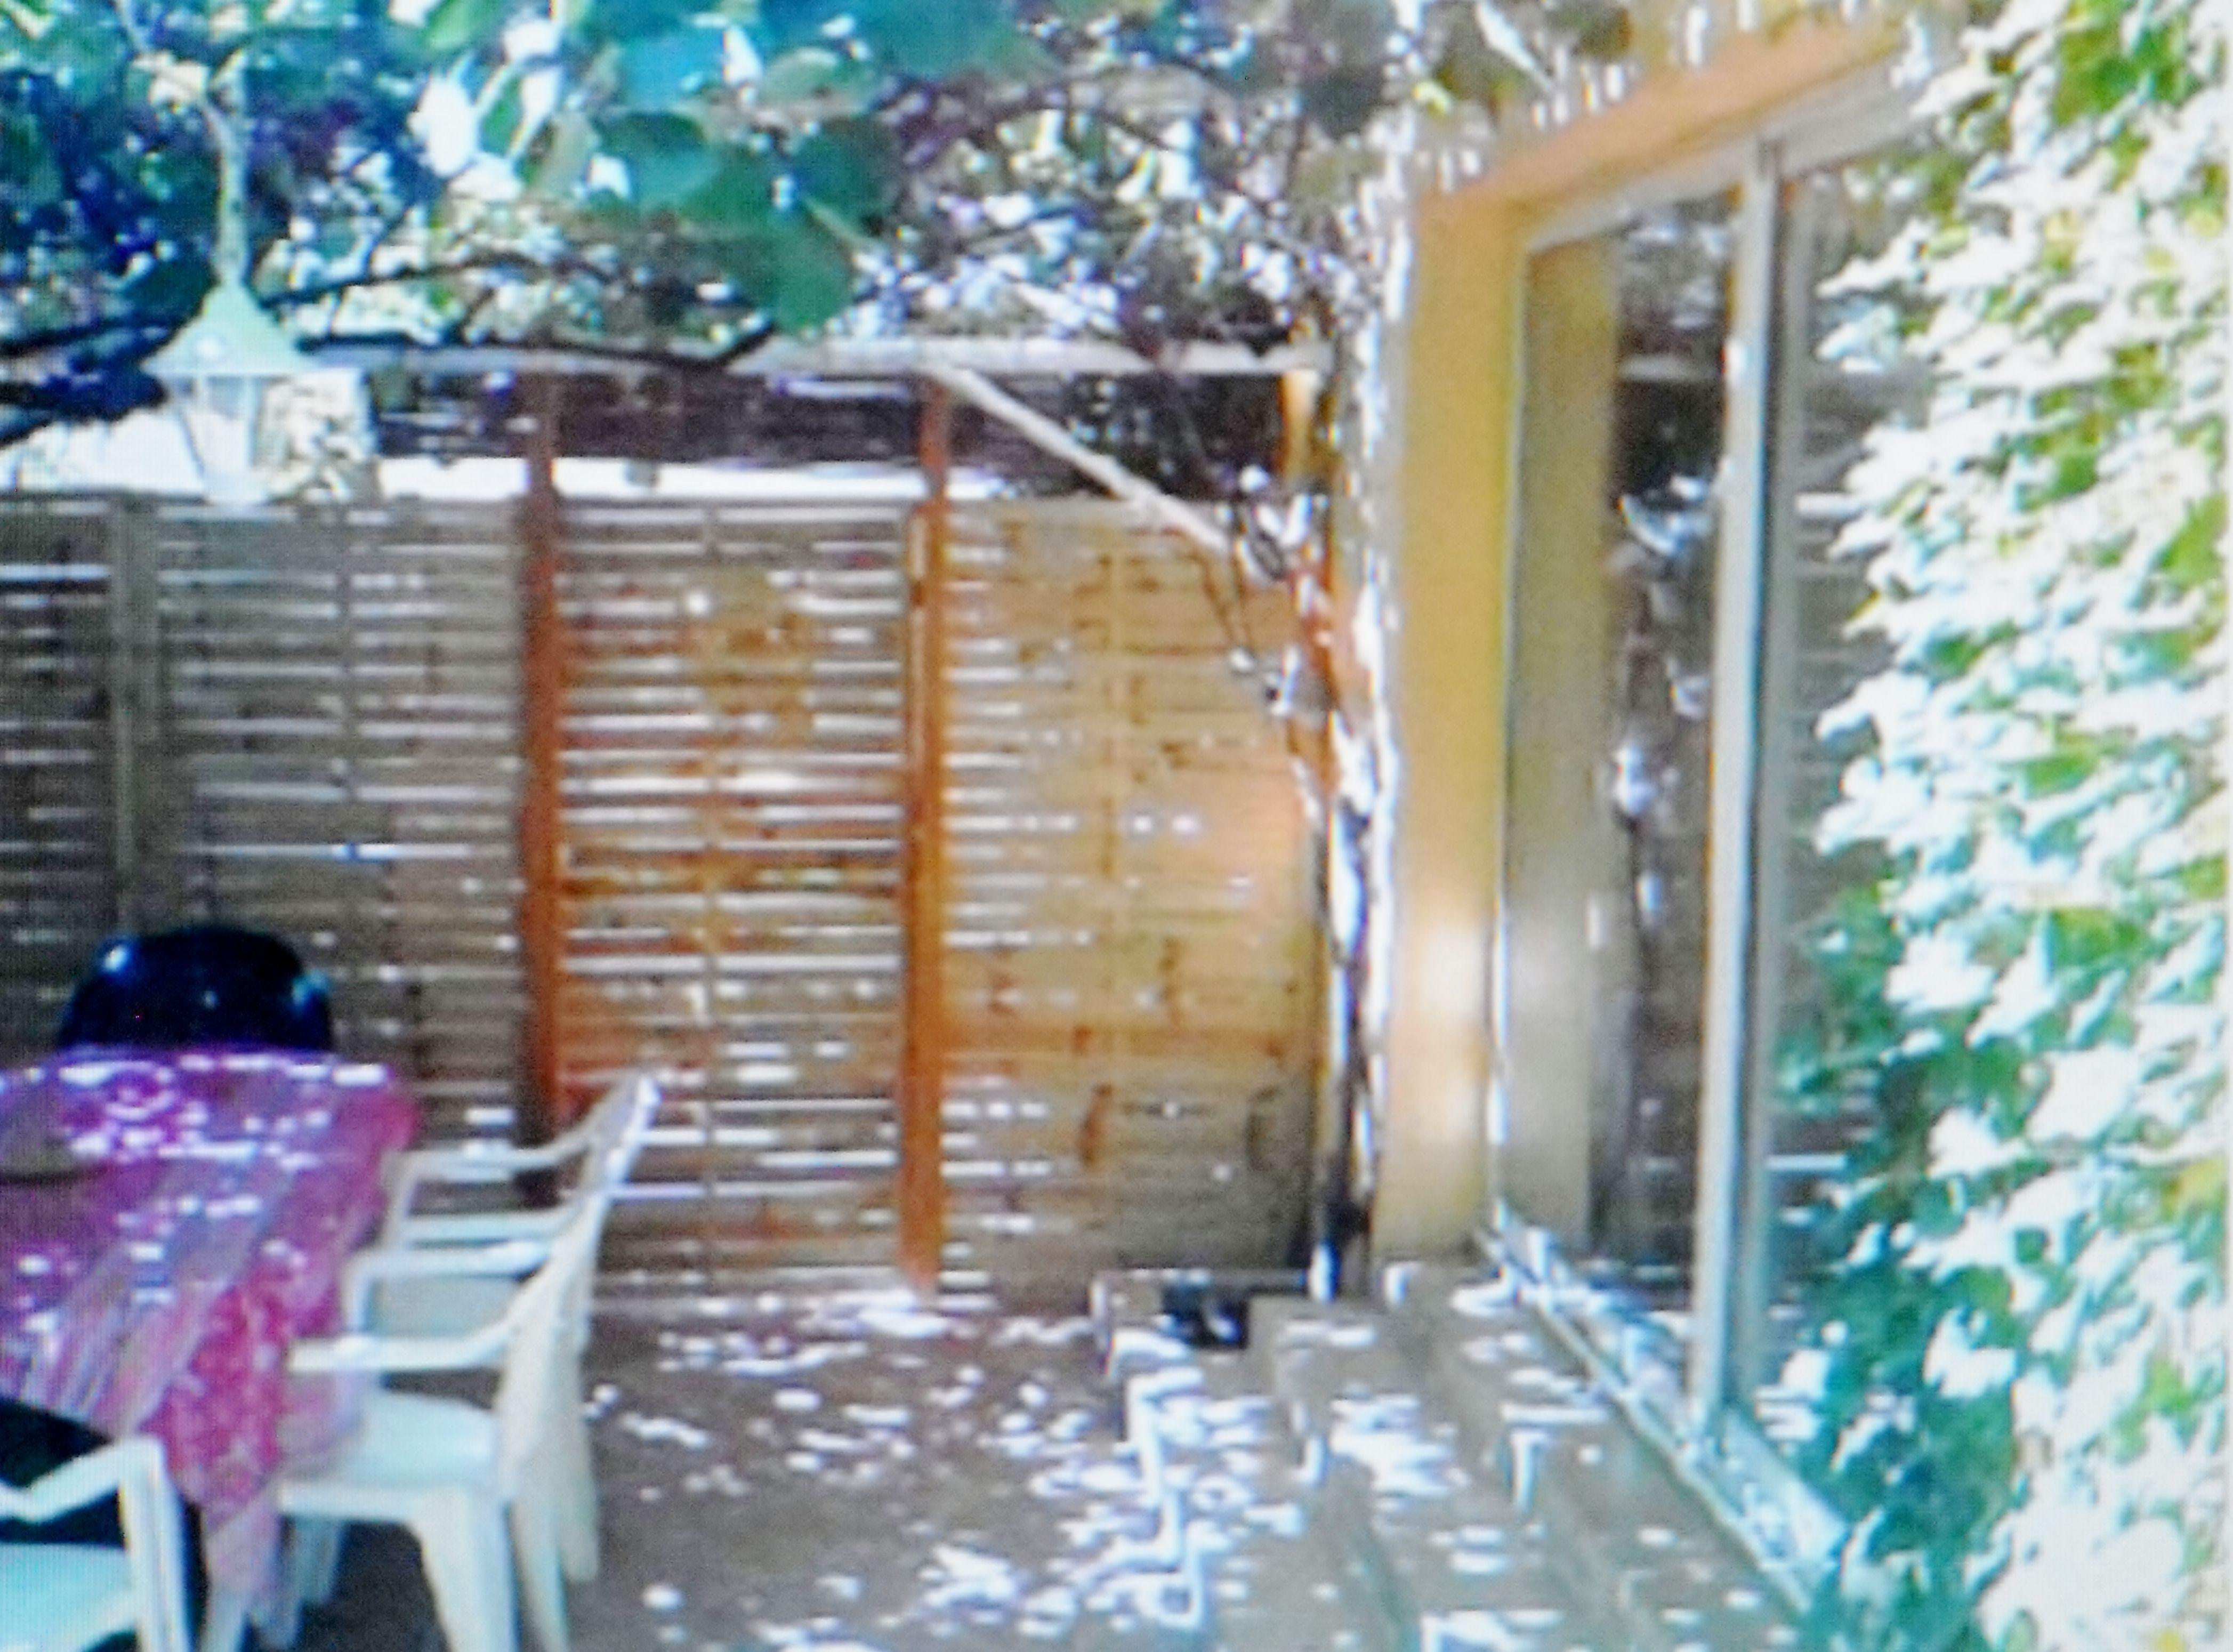 Maison 6 personnes Sete - location vacances  n°40006